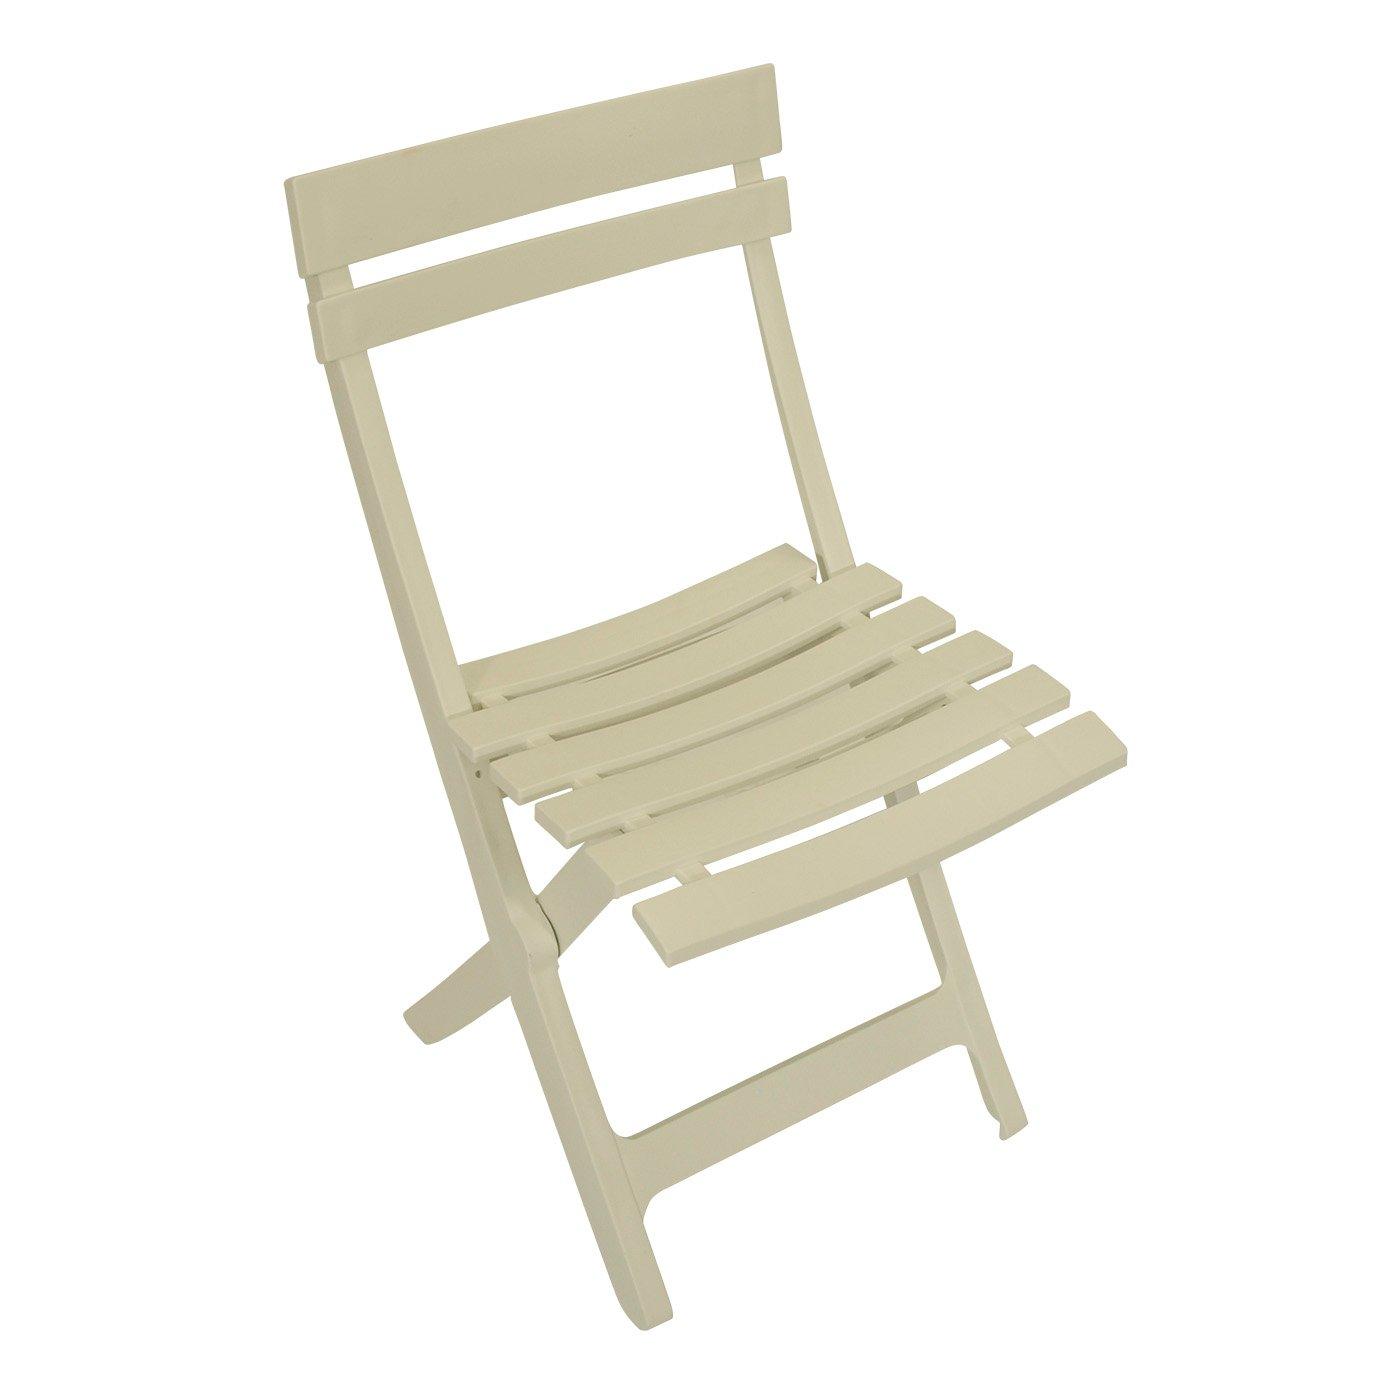 klappstuhl miami aus kunststoff weiss wetterfest g nstig online kaufen. Black Bedroom Furniture Sets. Home Design Ideas